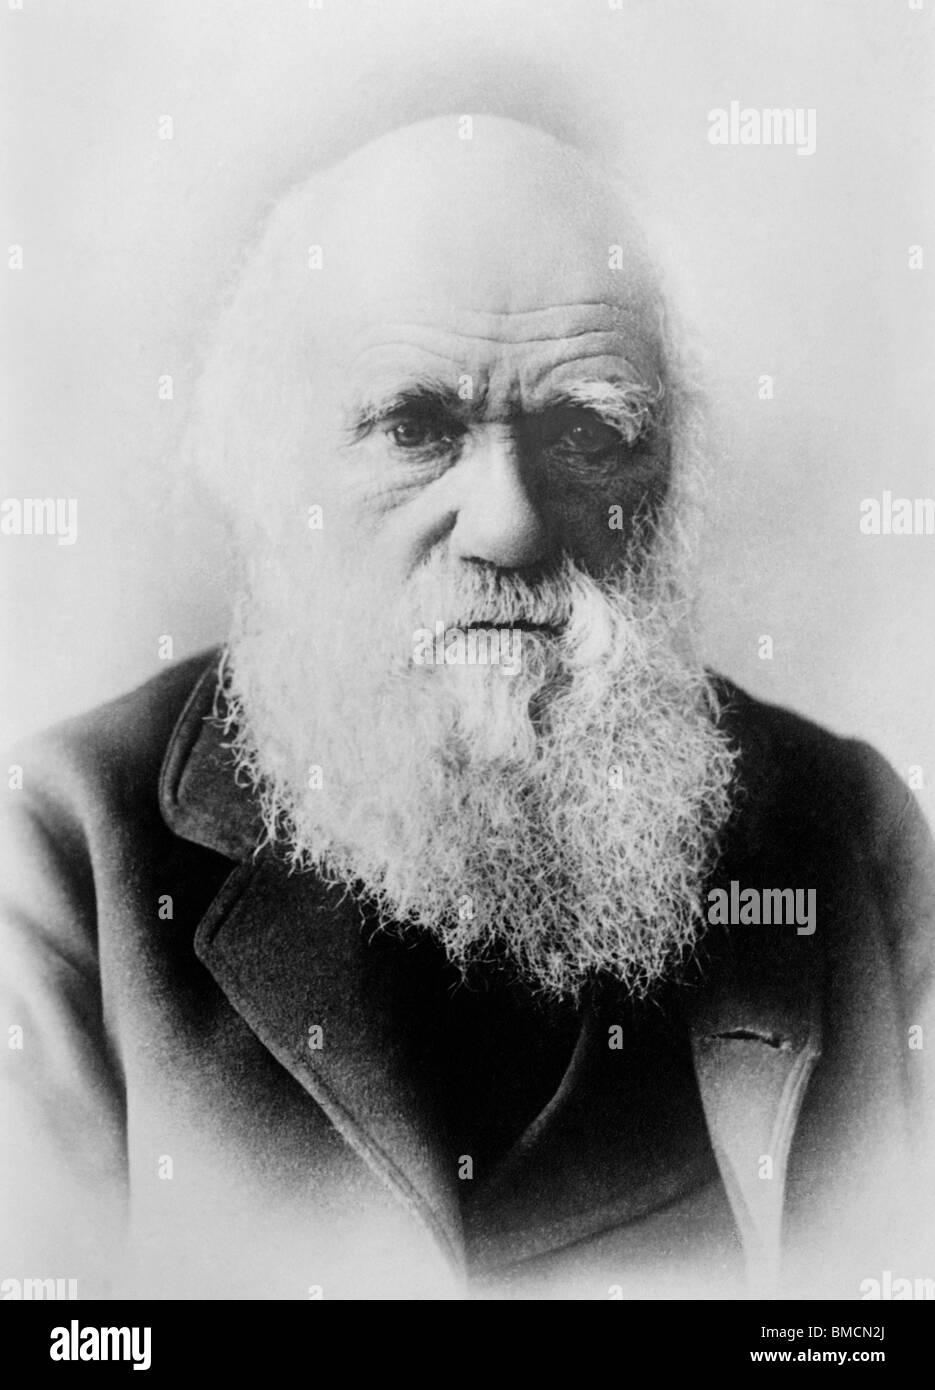 Vintage Portraitfoto ca. 1870er Jahren von Charles Darwin (1809-1882) - der englische Naturforscher berühmt Stockbild